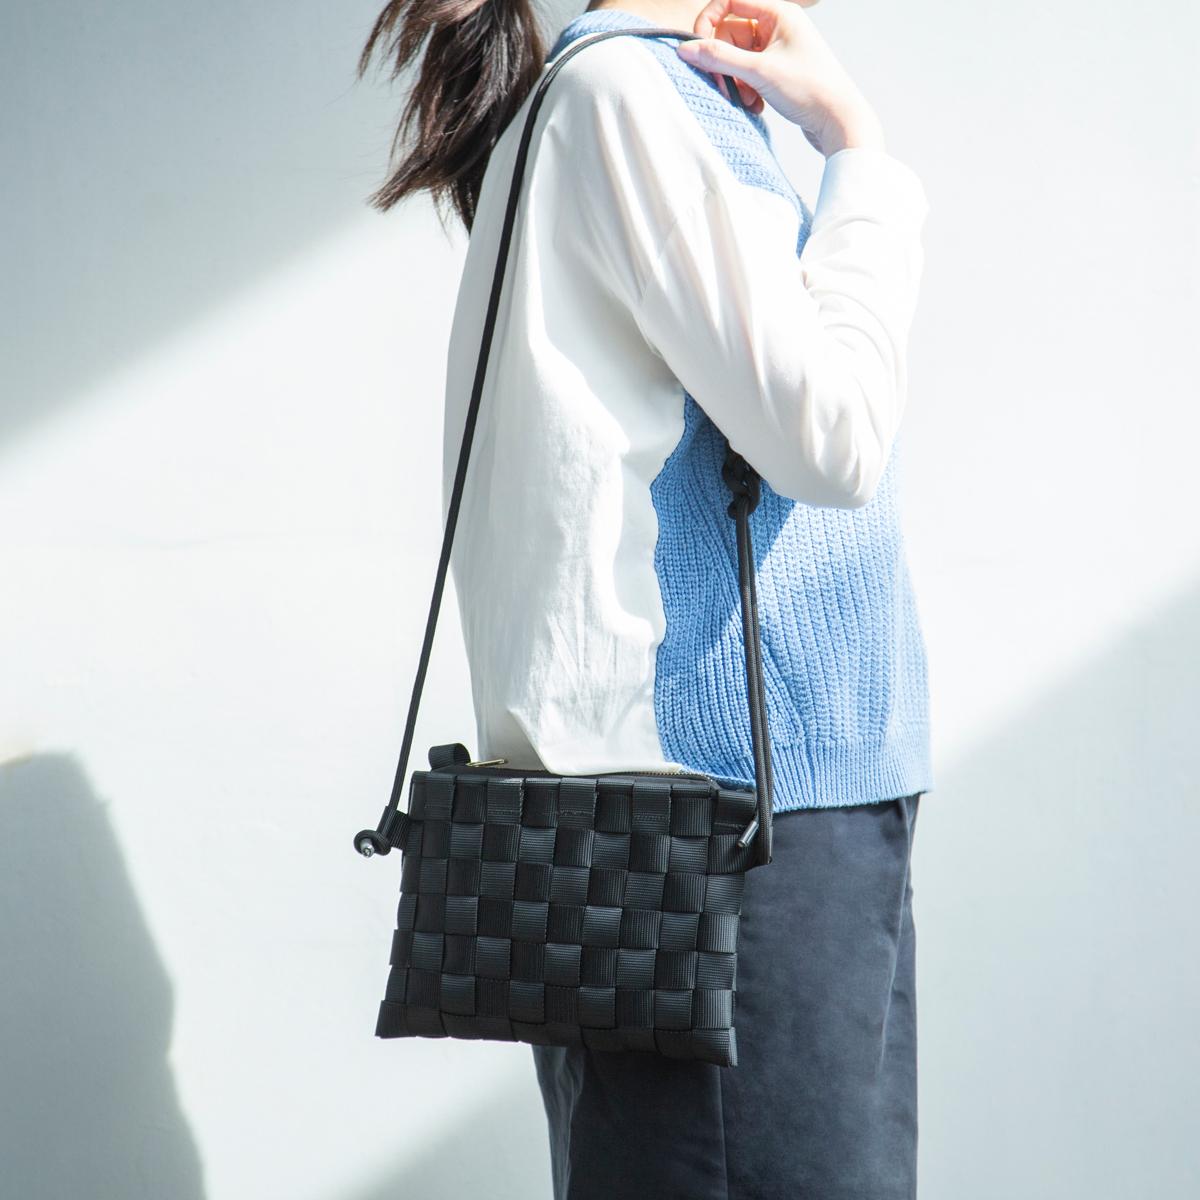 ショルダーバッグ 取り外し可能なポーチinバッグが付属、3通りの使い方ができる「ショルダーバッグ」  PACK